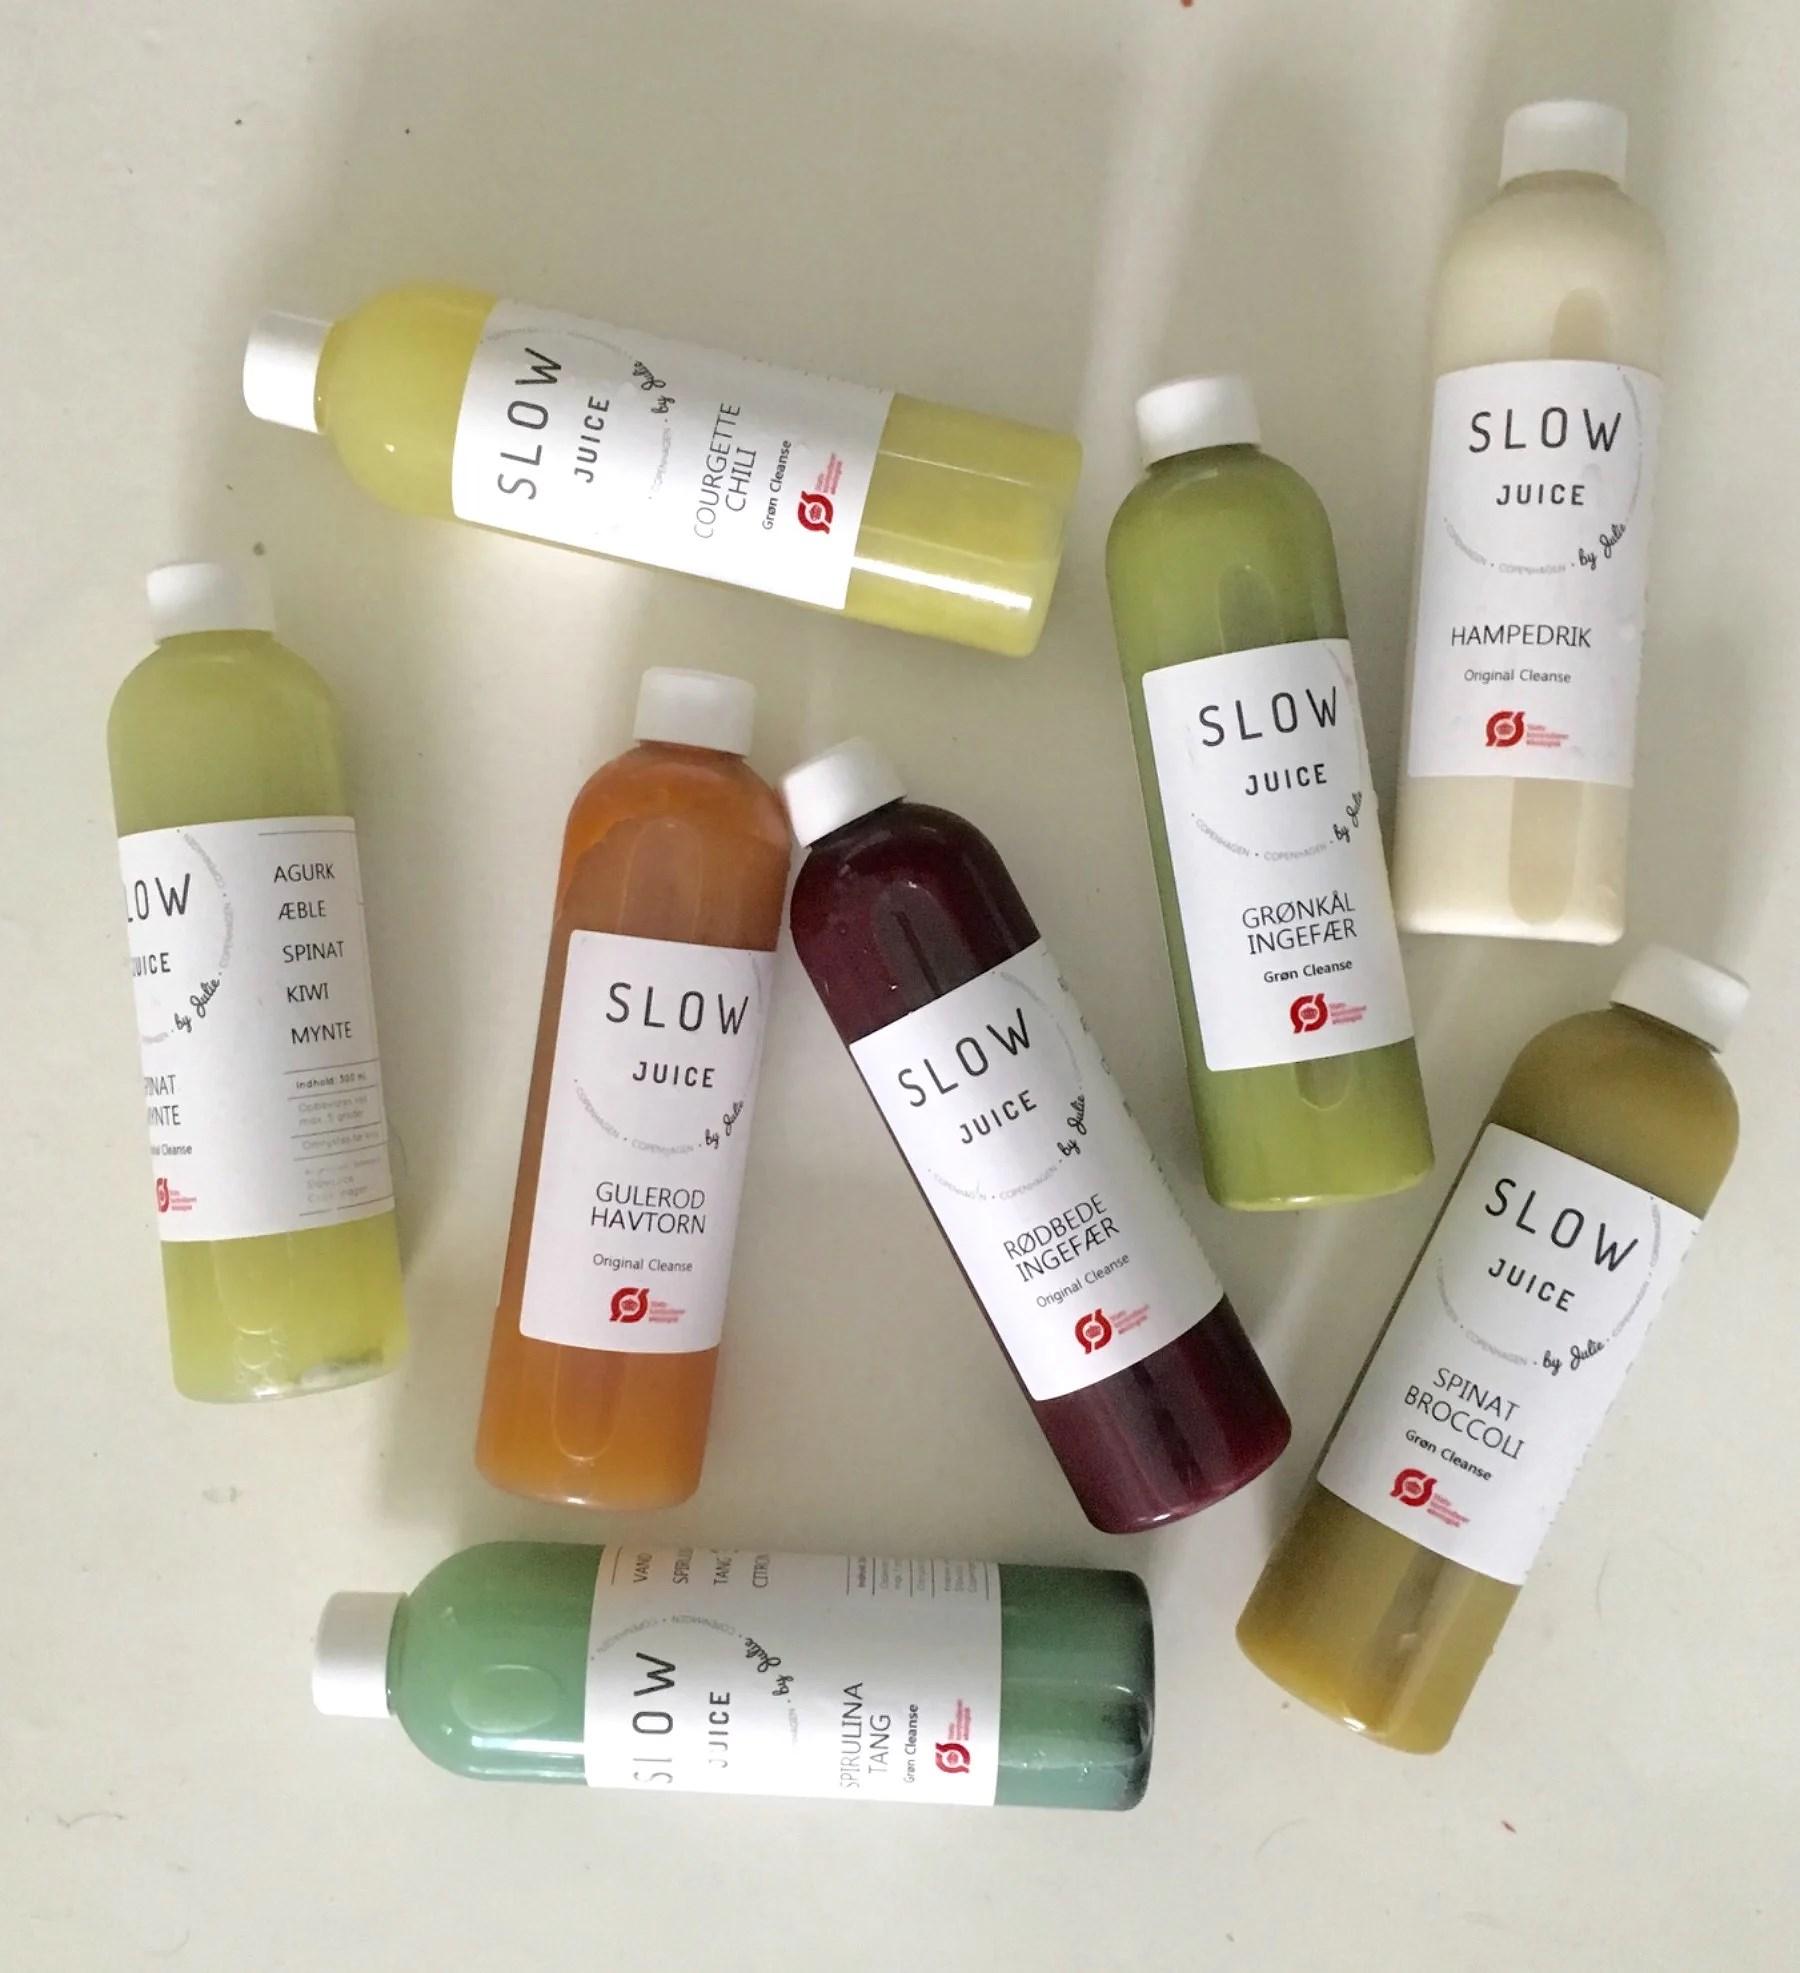 Barre Uddannelse & Slow Juice